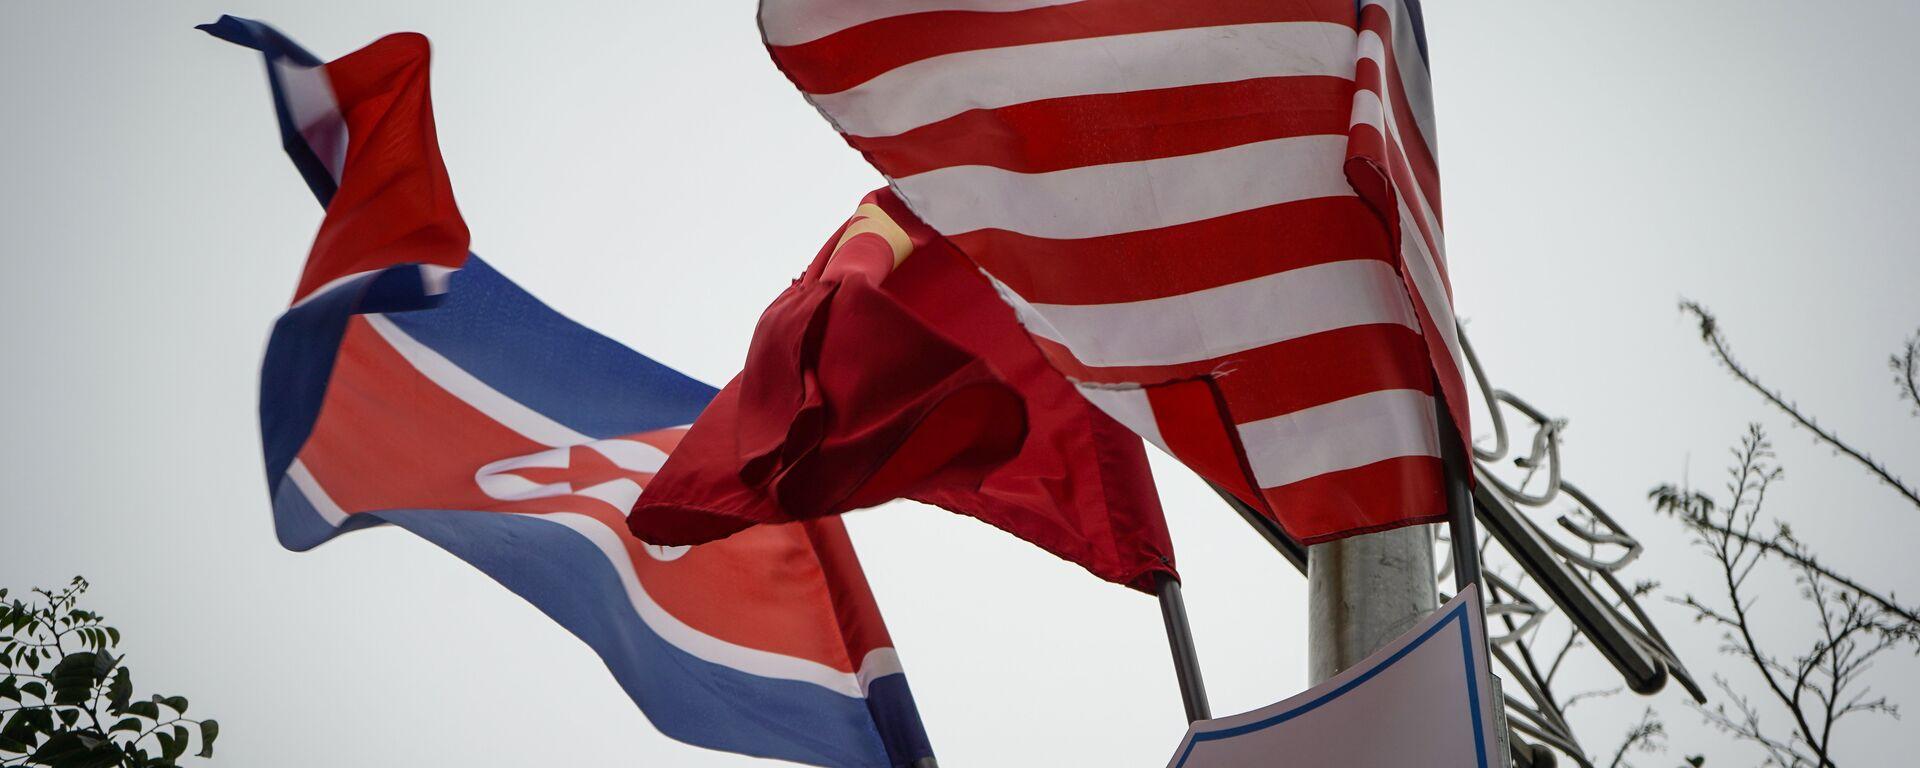 Banderas de Corea del Norte y EEUU en Hanói - Sputnik Mundo, 1920, 22.06.2021